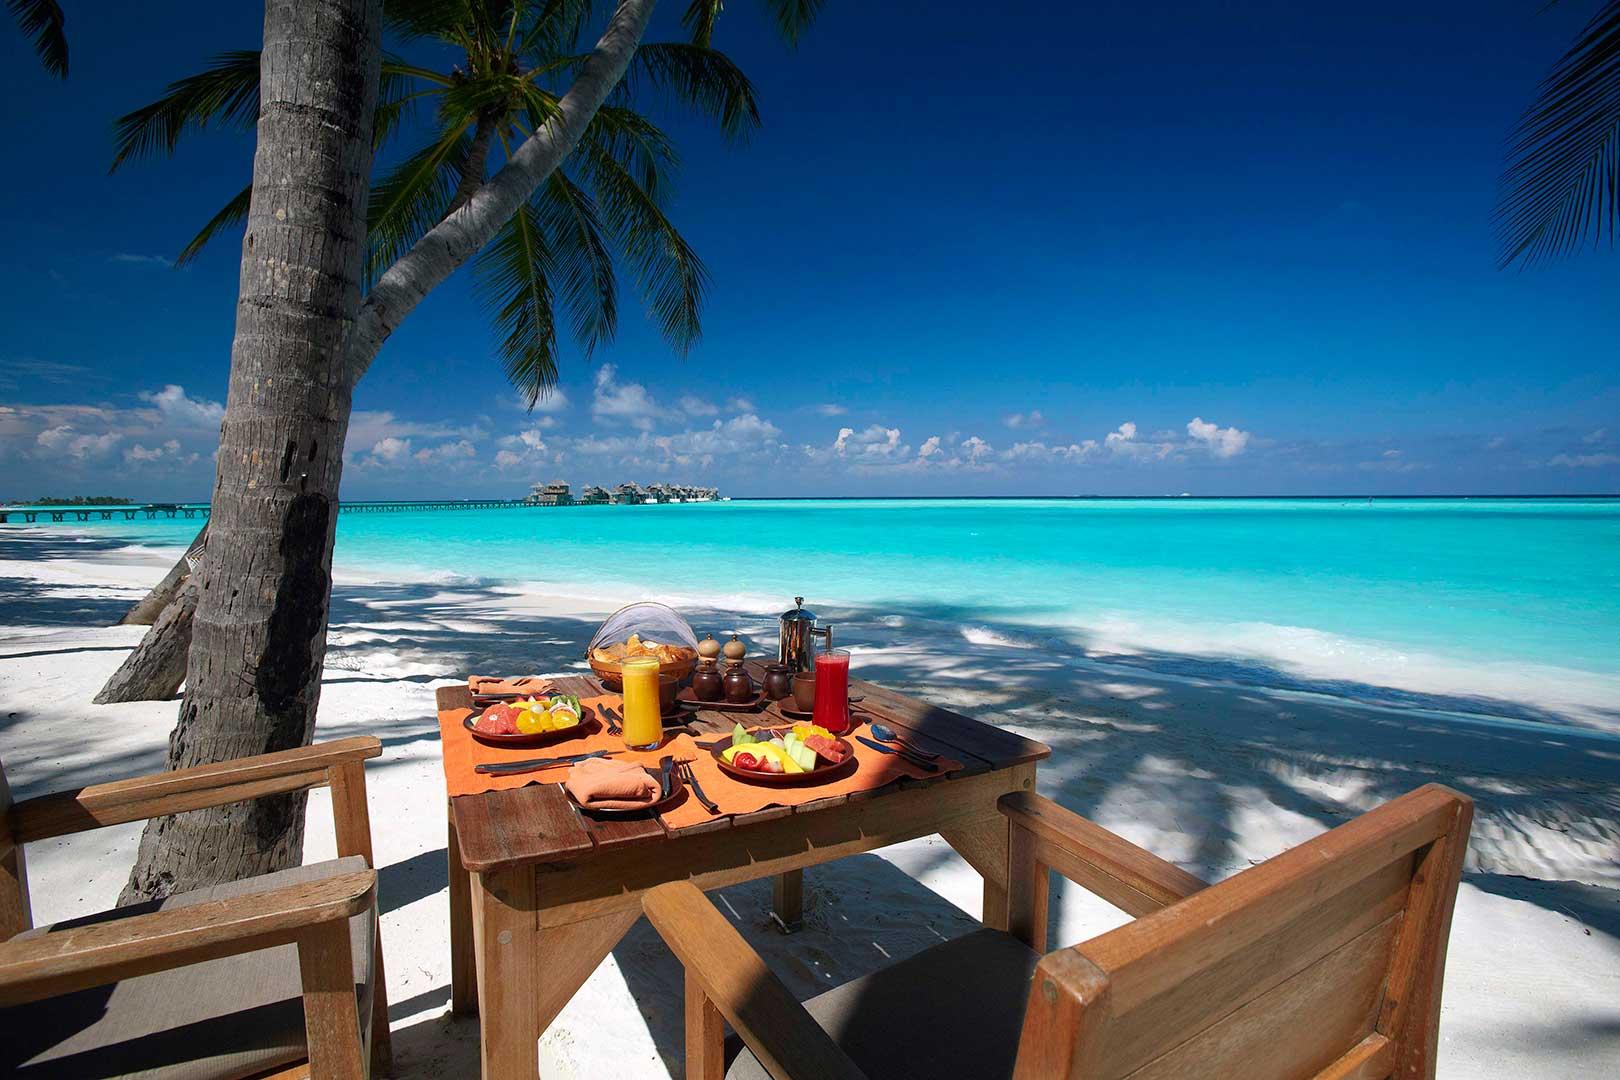 フォーシーズンズ・クダフラ 太陽の下で海を眺めながらお食事